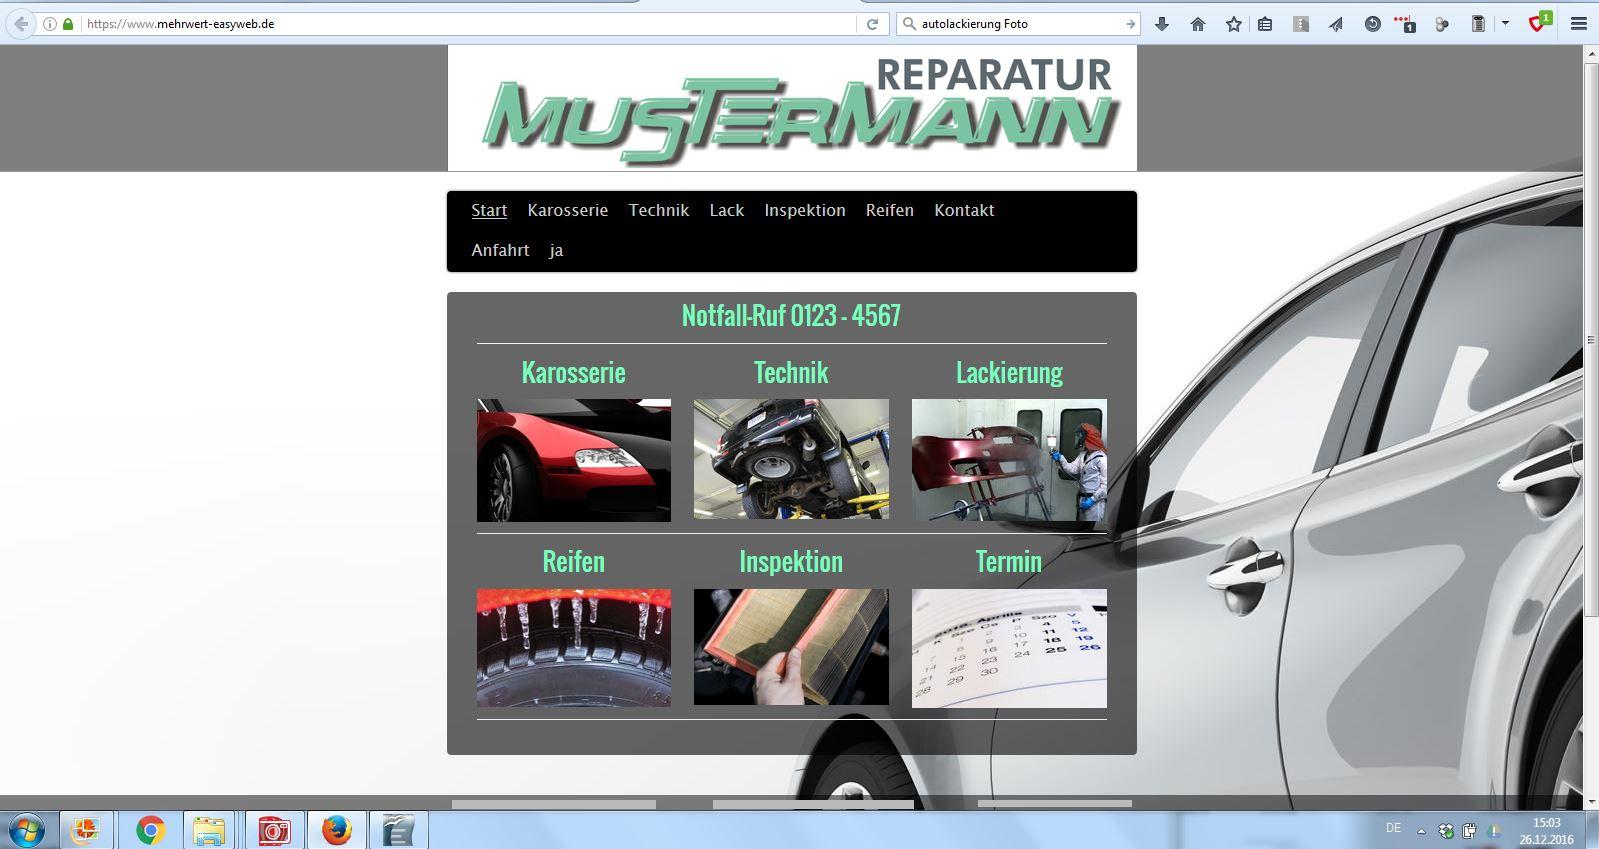 Startseite mit Navigation